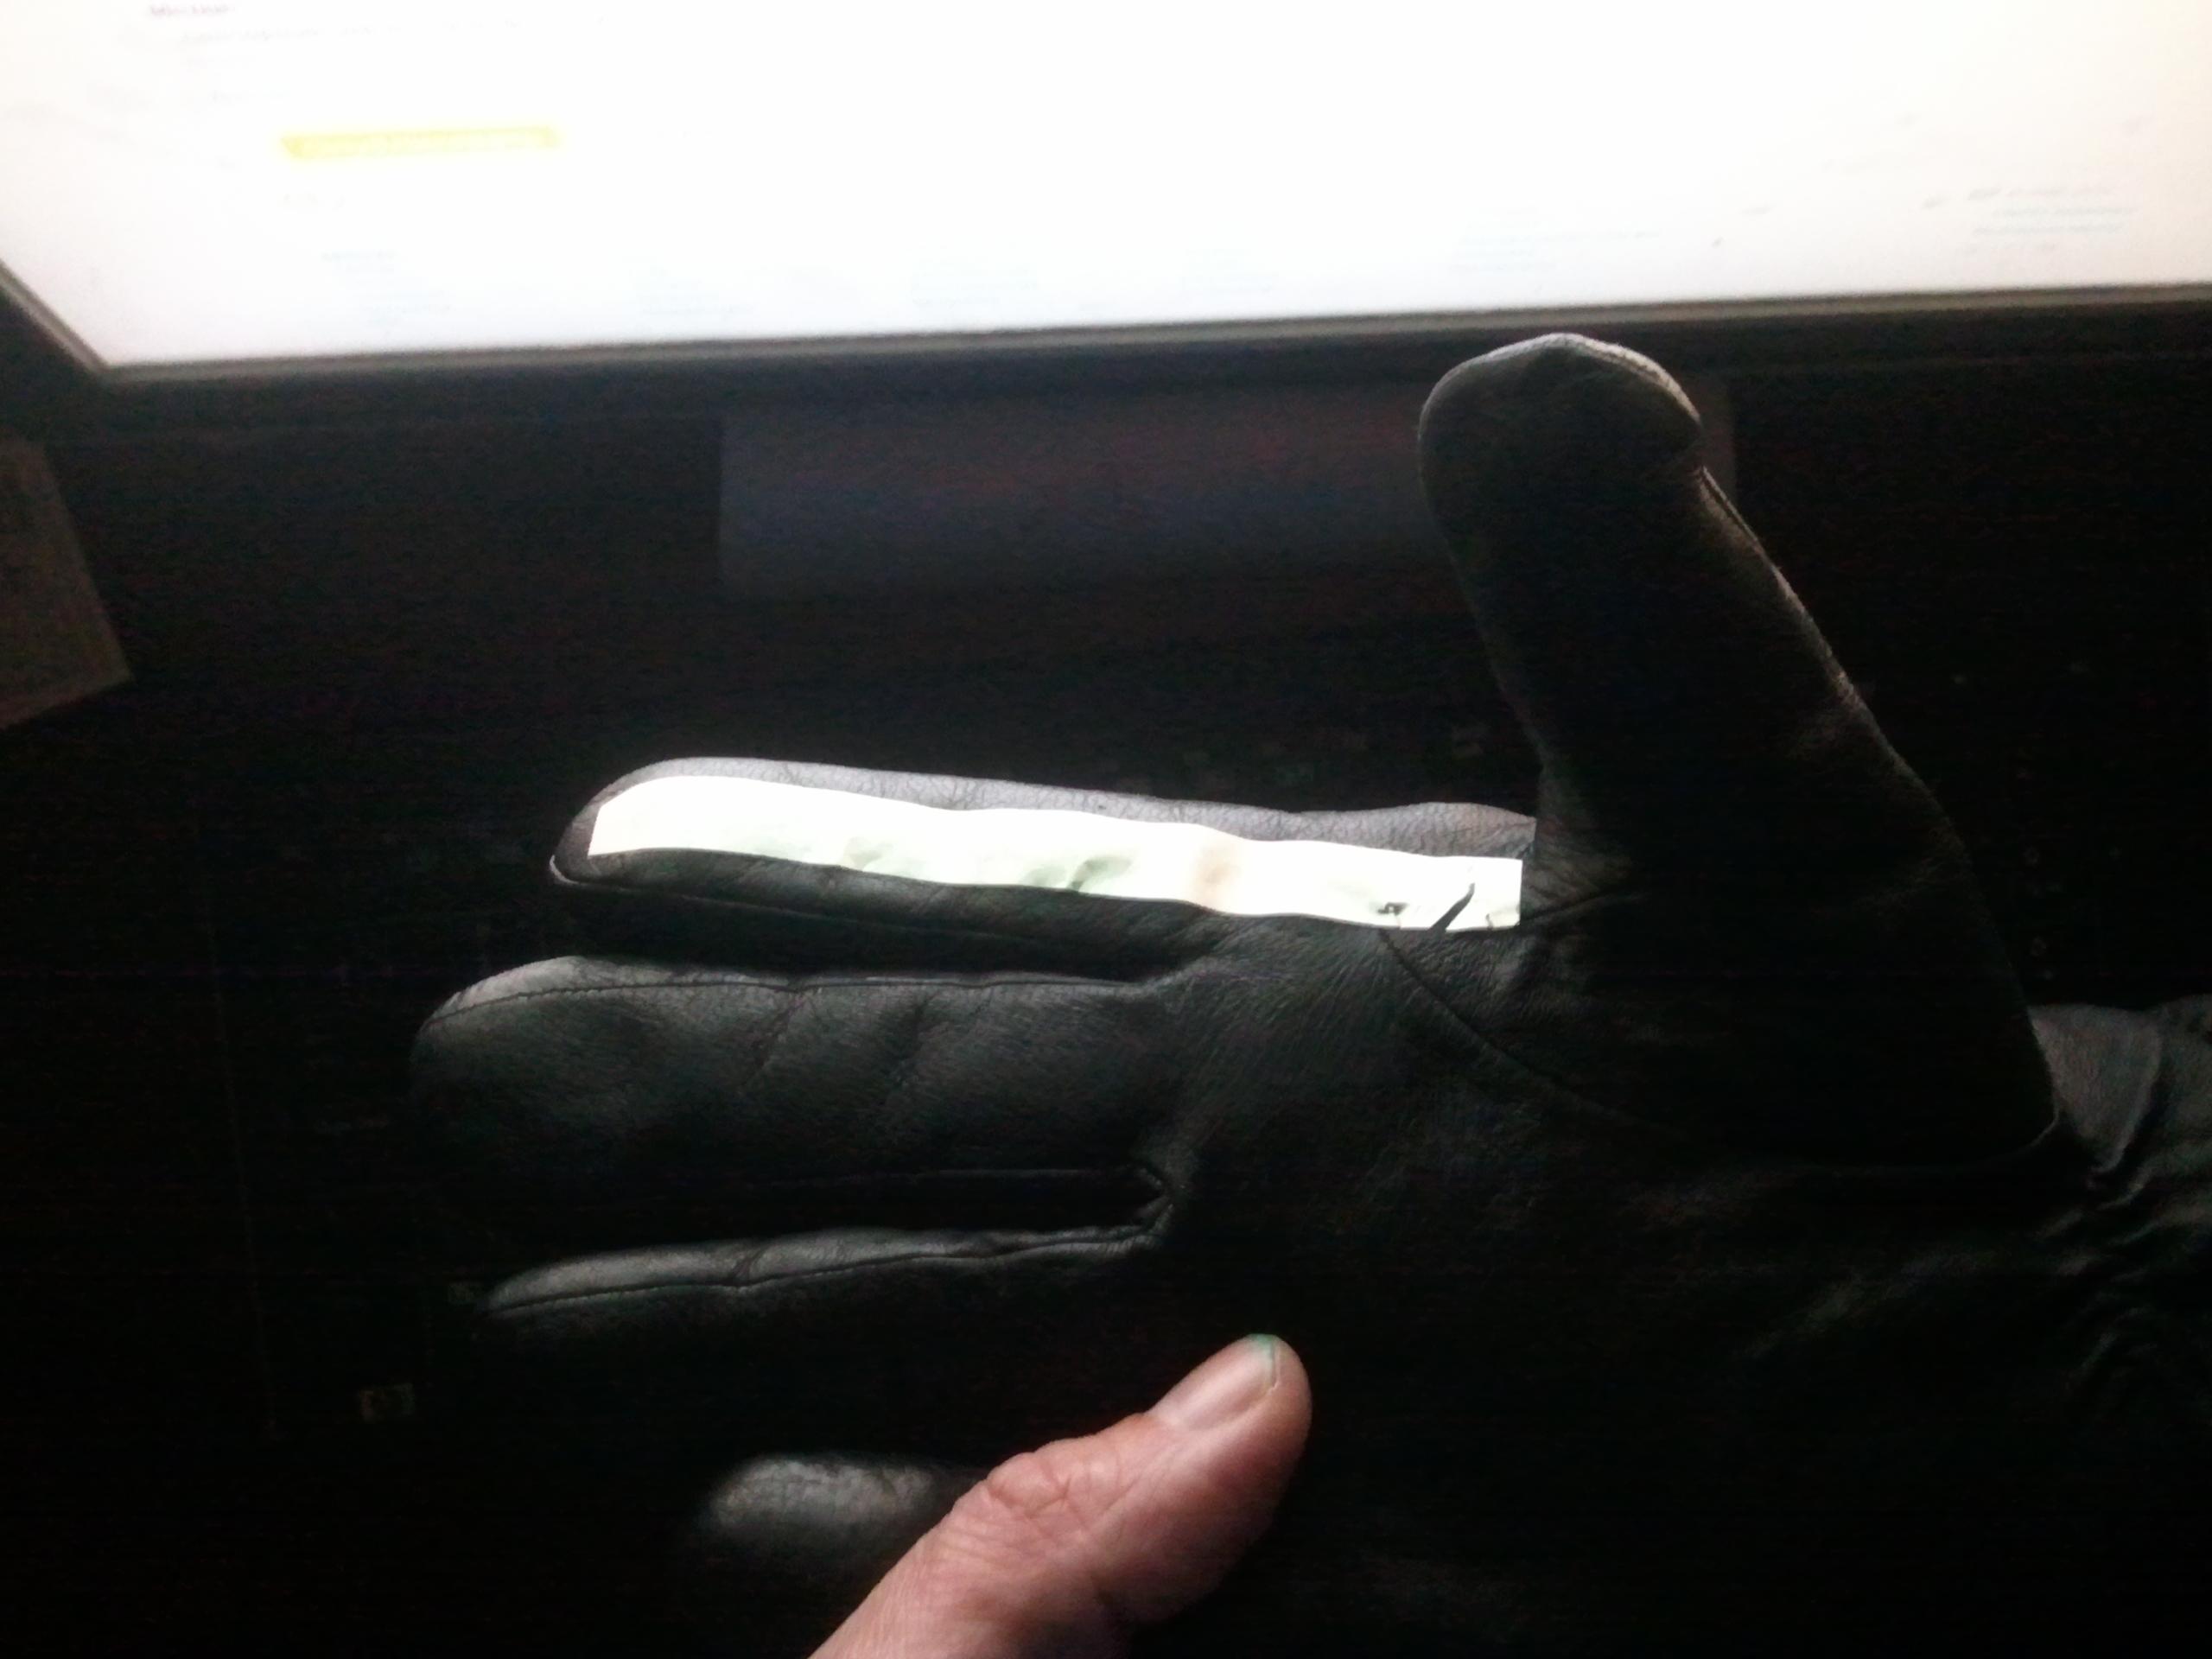 Зима, смартфон и перчатки, или готовь палец летом…